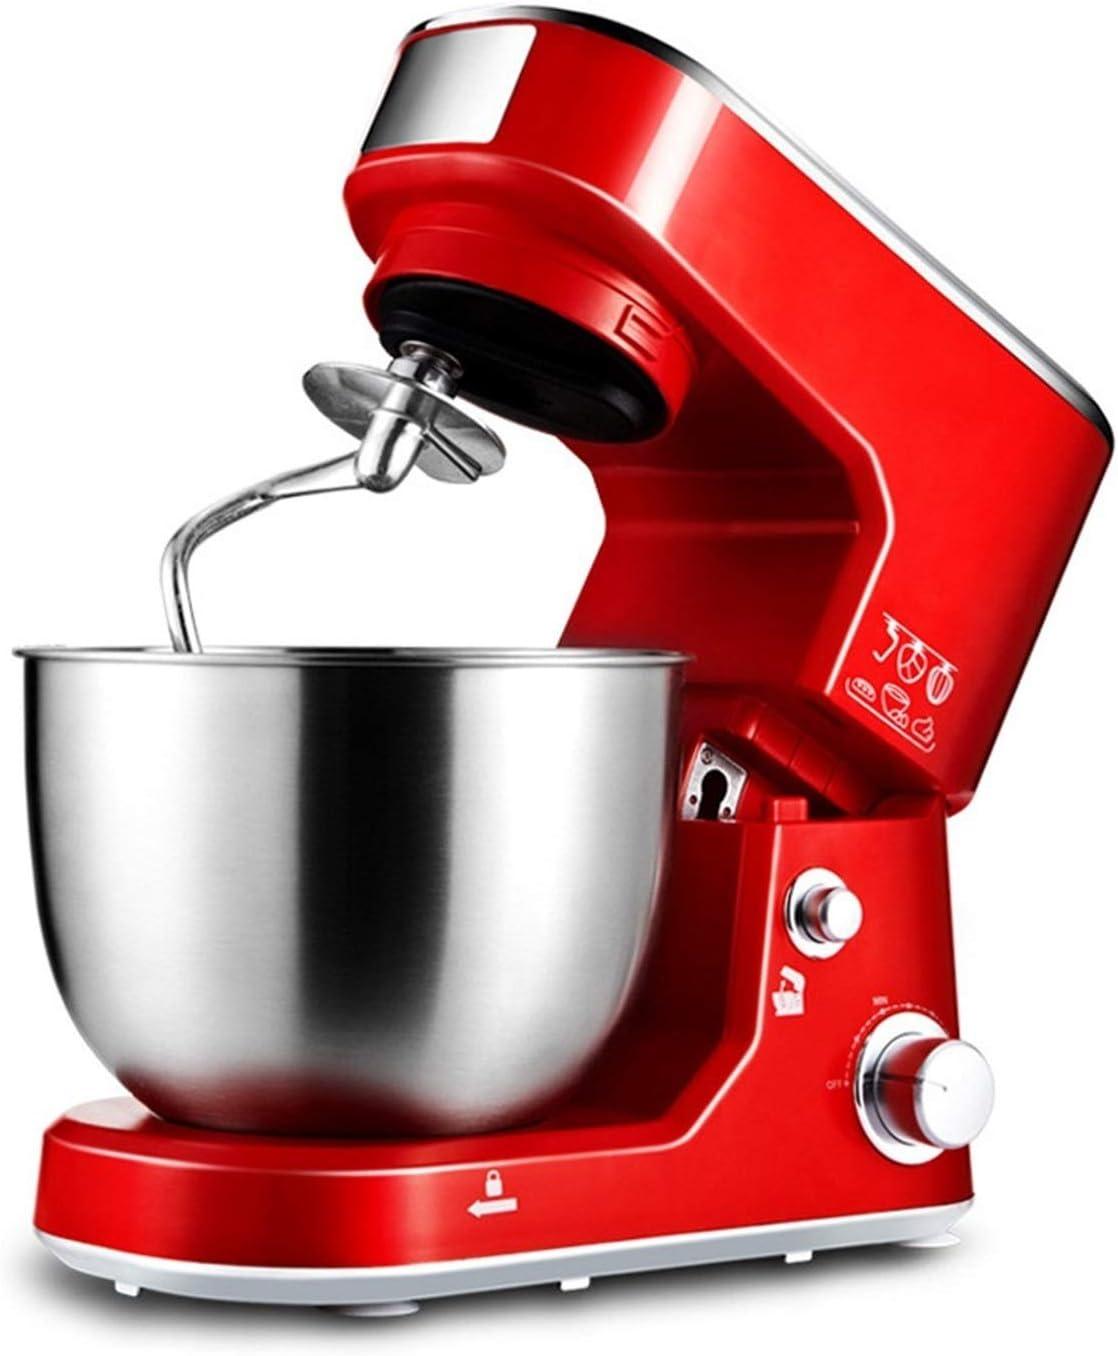 Batidora Amasadora Robot de Cocina Mastro de cocina eléctrica Máquina de la mezcladora de la mezcladora de la máquina de la cocina 1000W Motor eléctrico 5L de acero inoxidable de acero inoxidable Huev